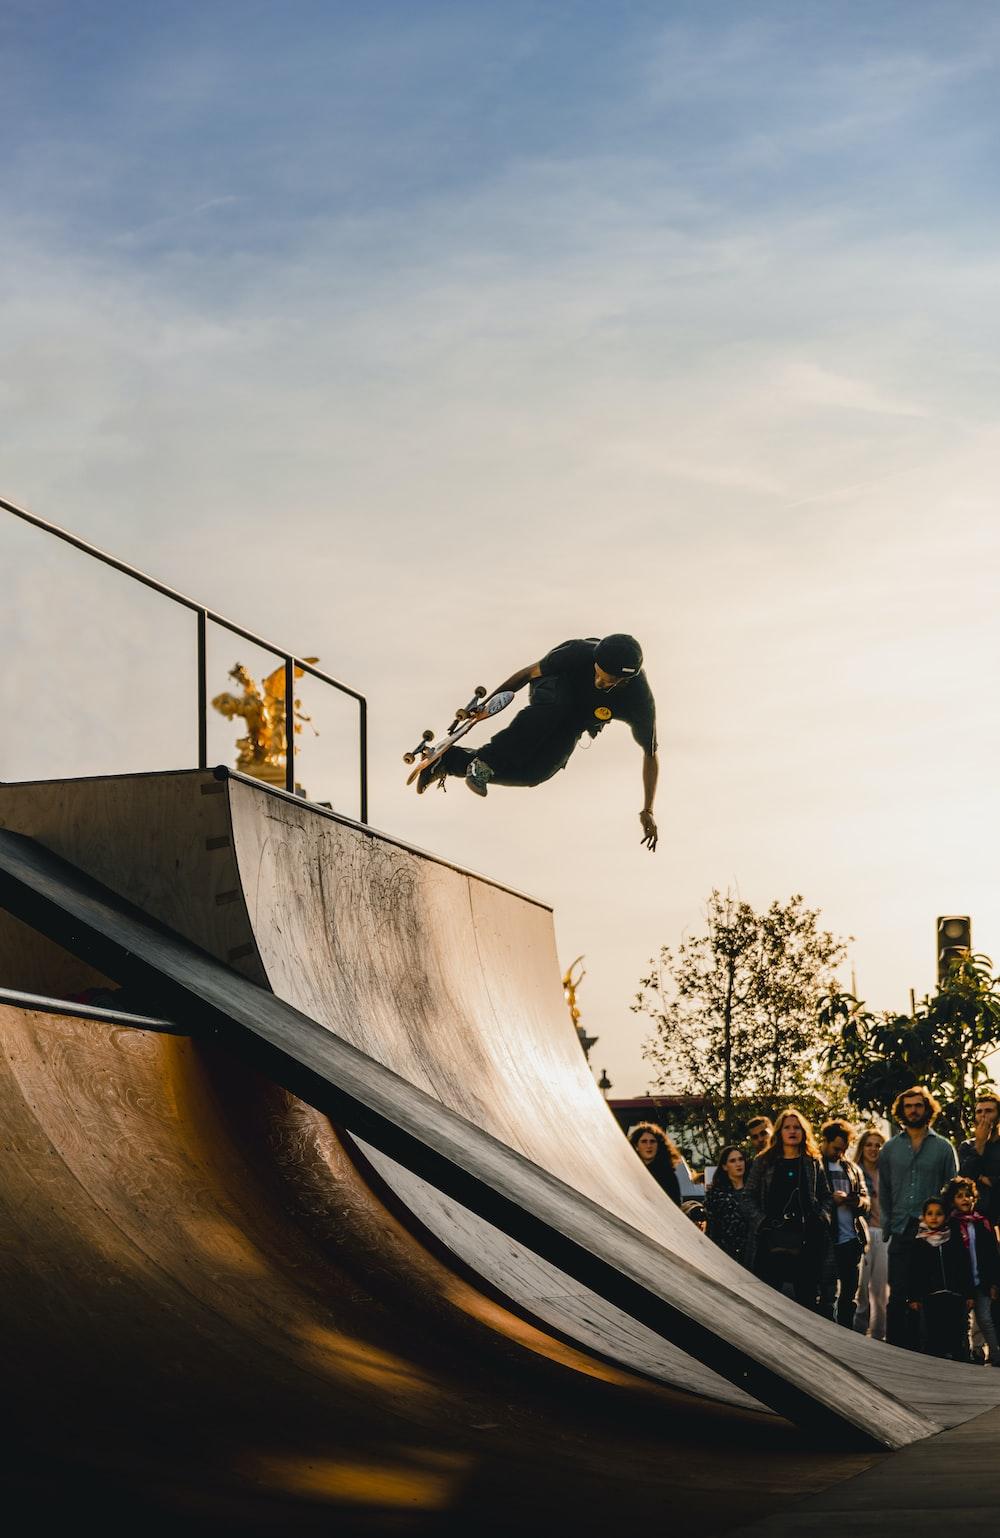 people watching man skateboarding at the ramp